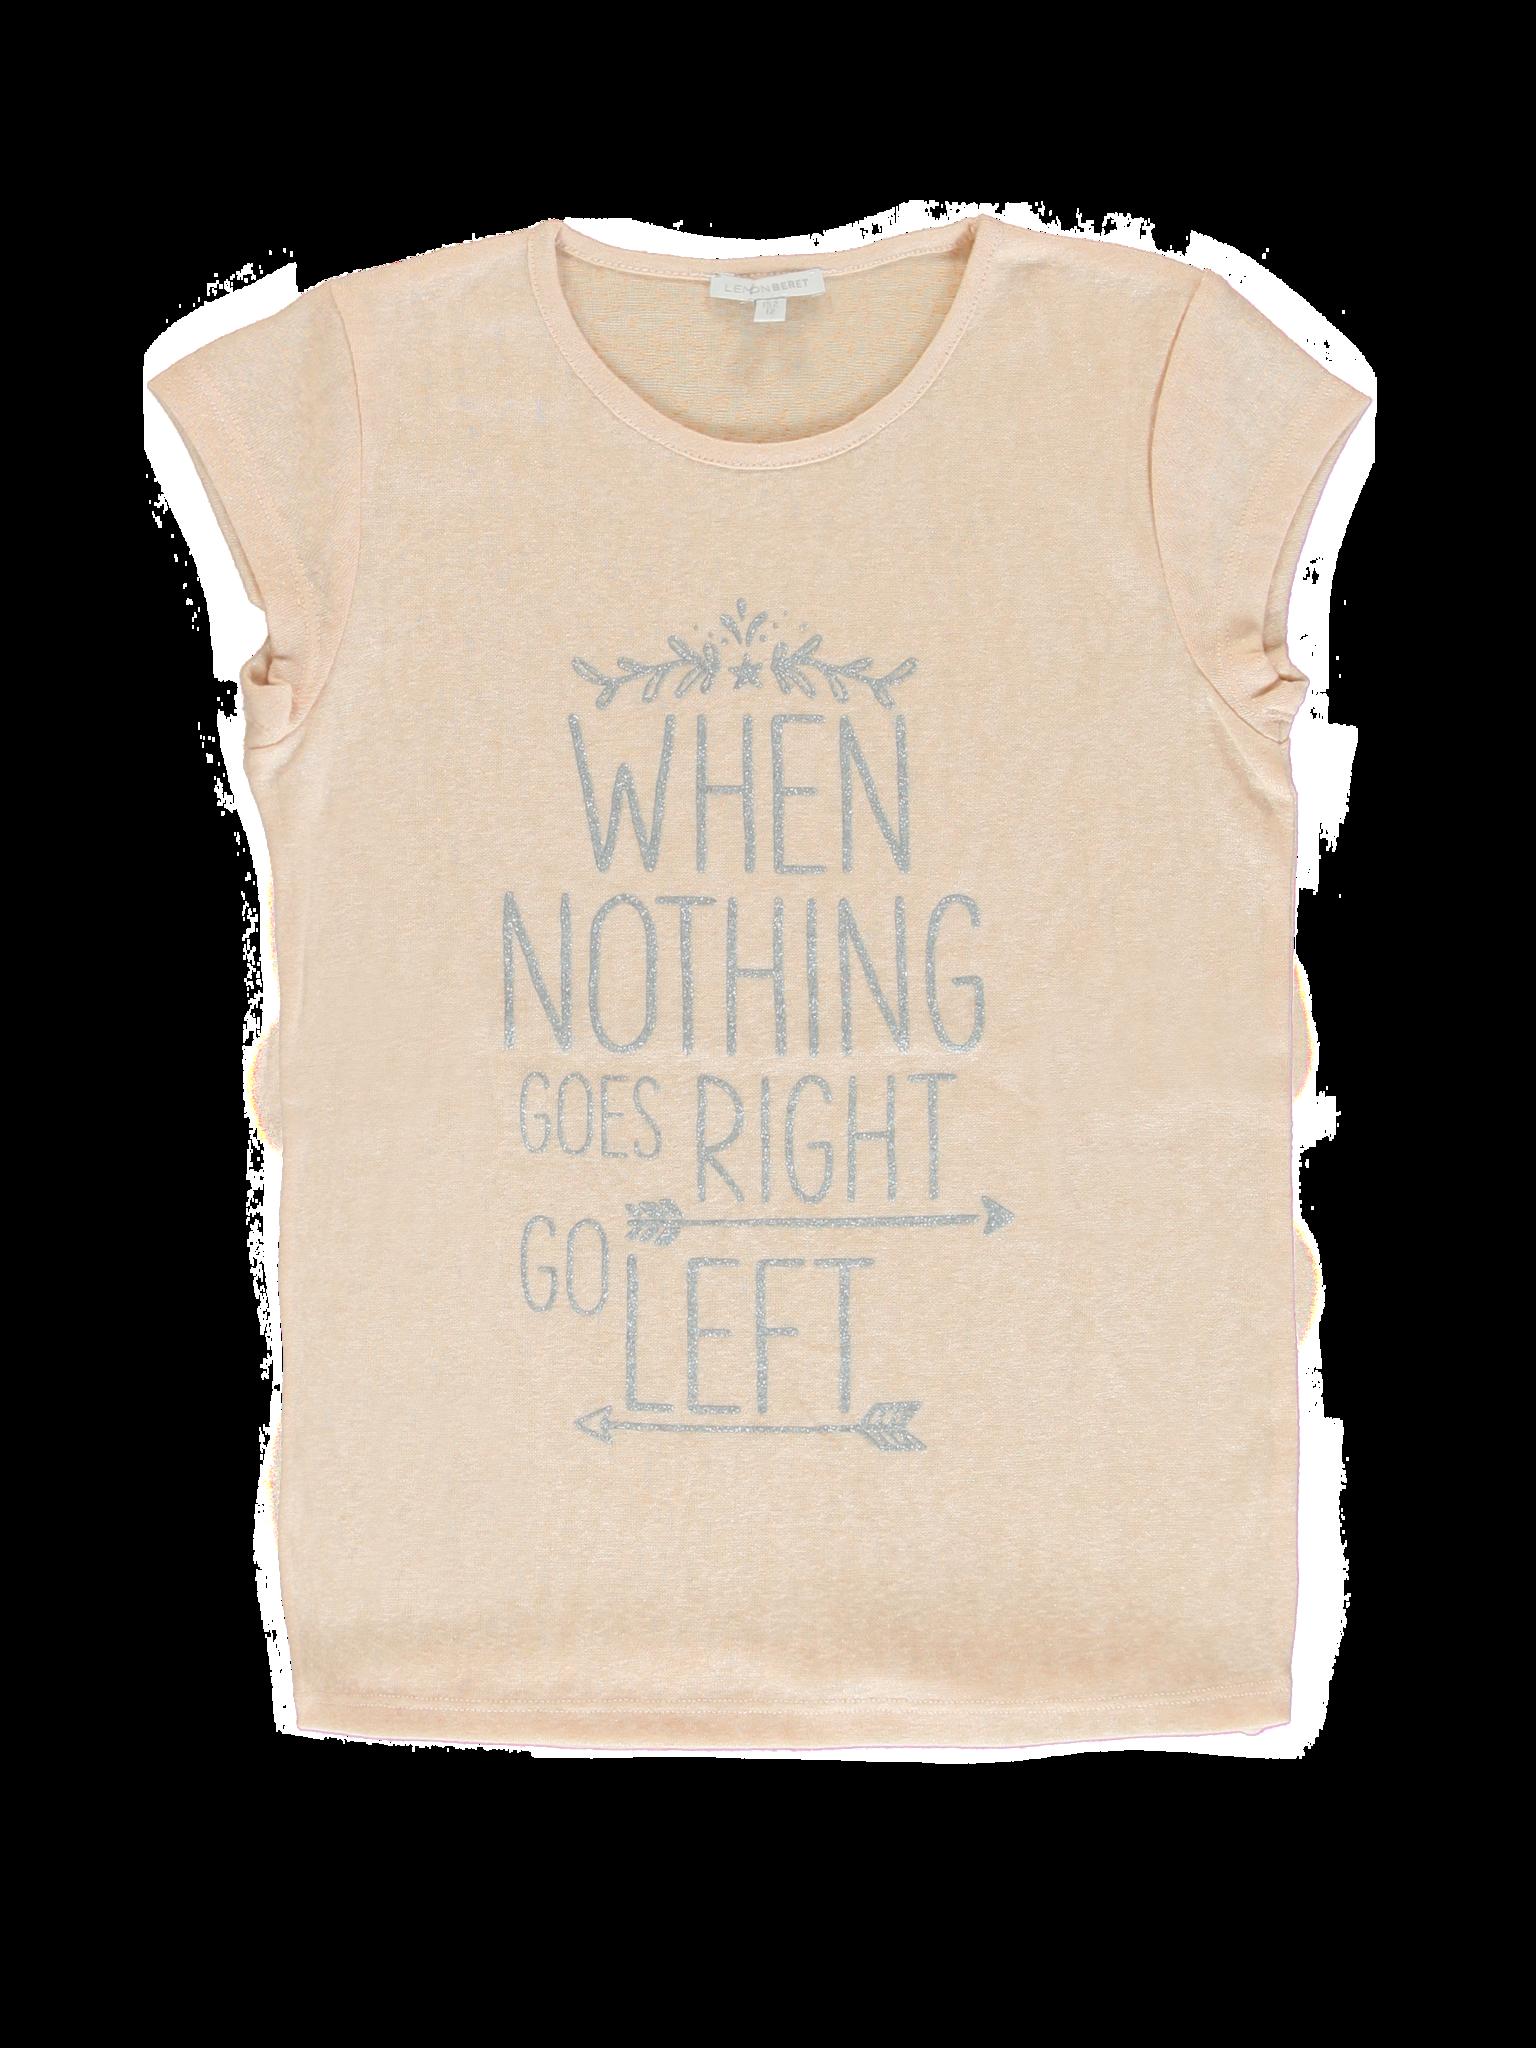 All Brands   Summerproducts Teen Girls   T-shirt   12 pcs/box